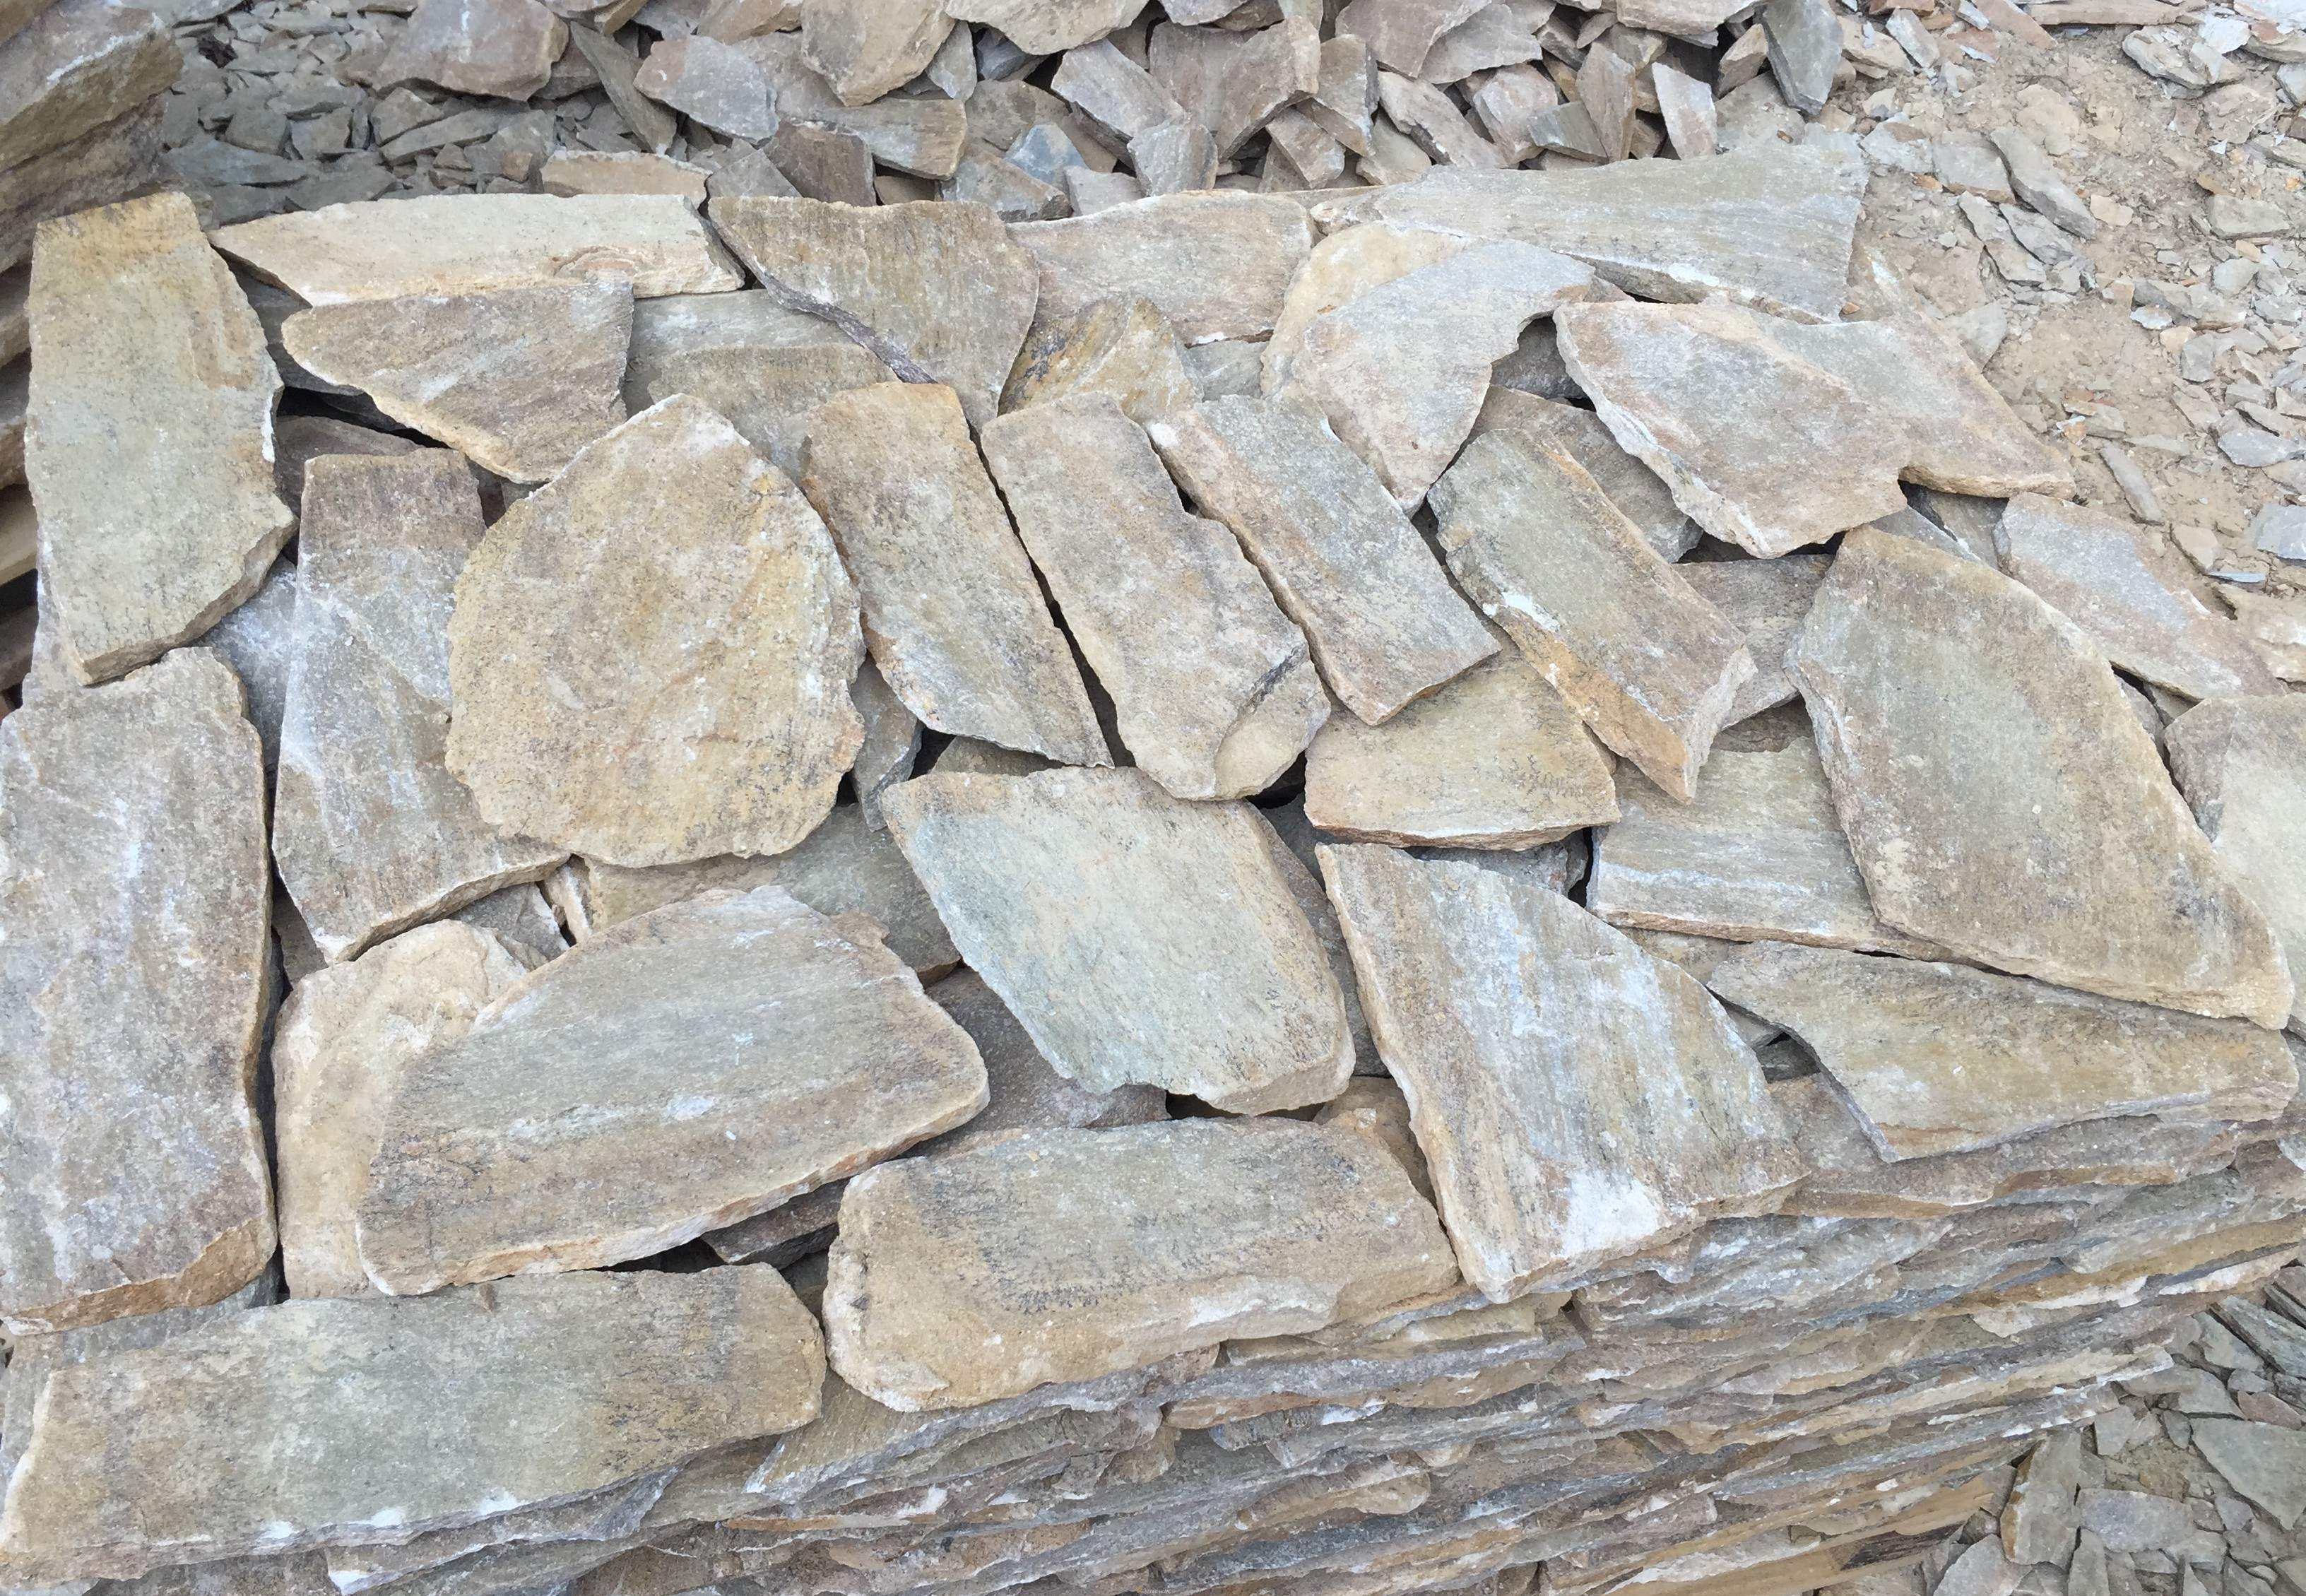 Облицовка Неоформена Tъмно жълта - естествен камък Гнайс